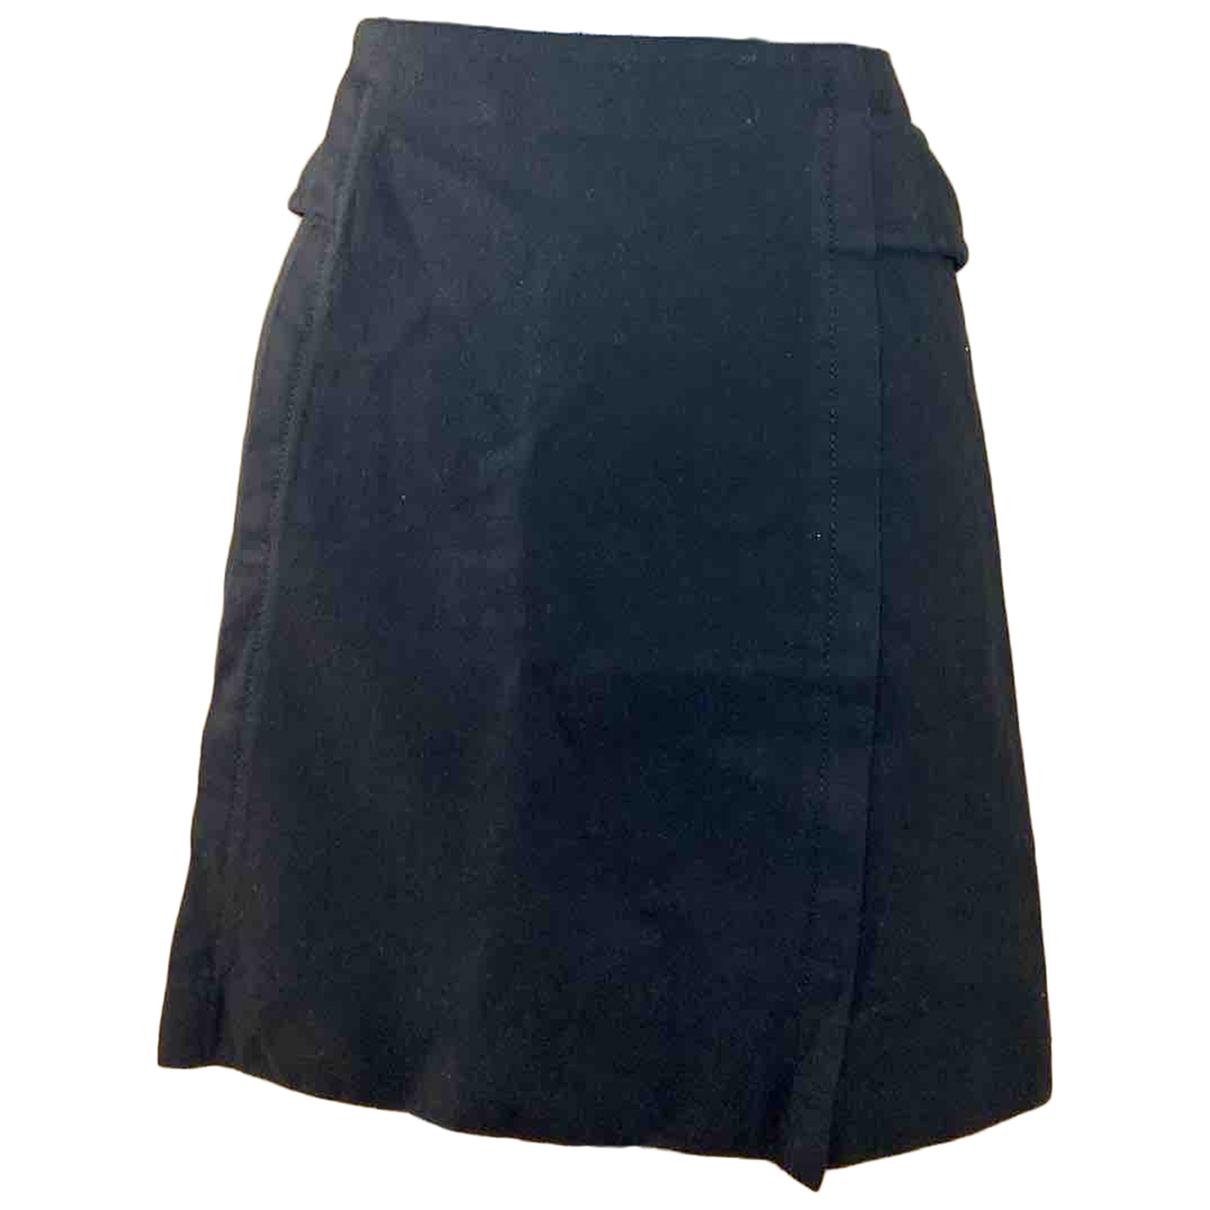 Chanel \N Black Wool skirt for Women 36 FR